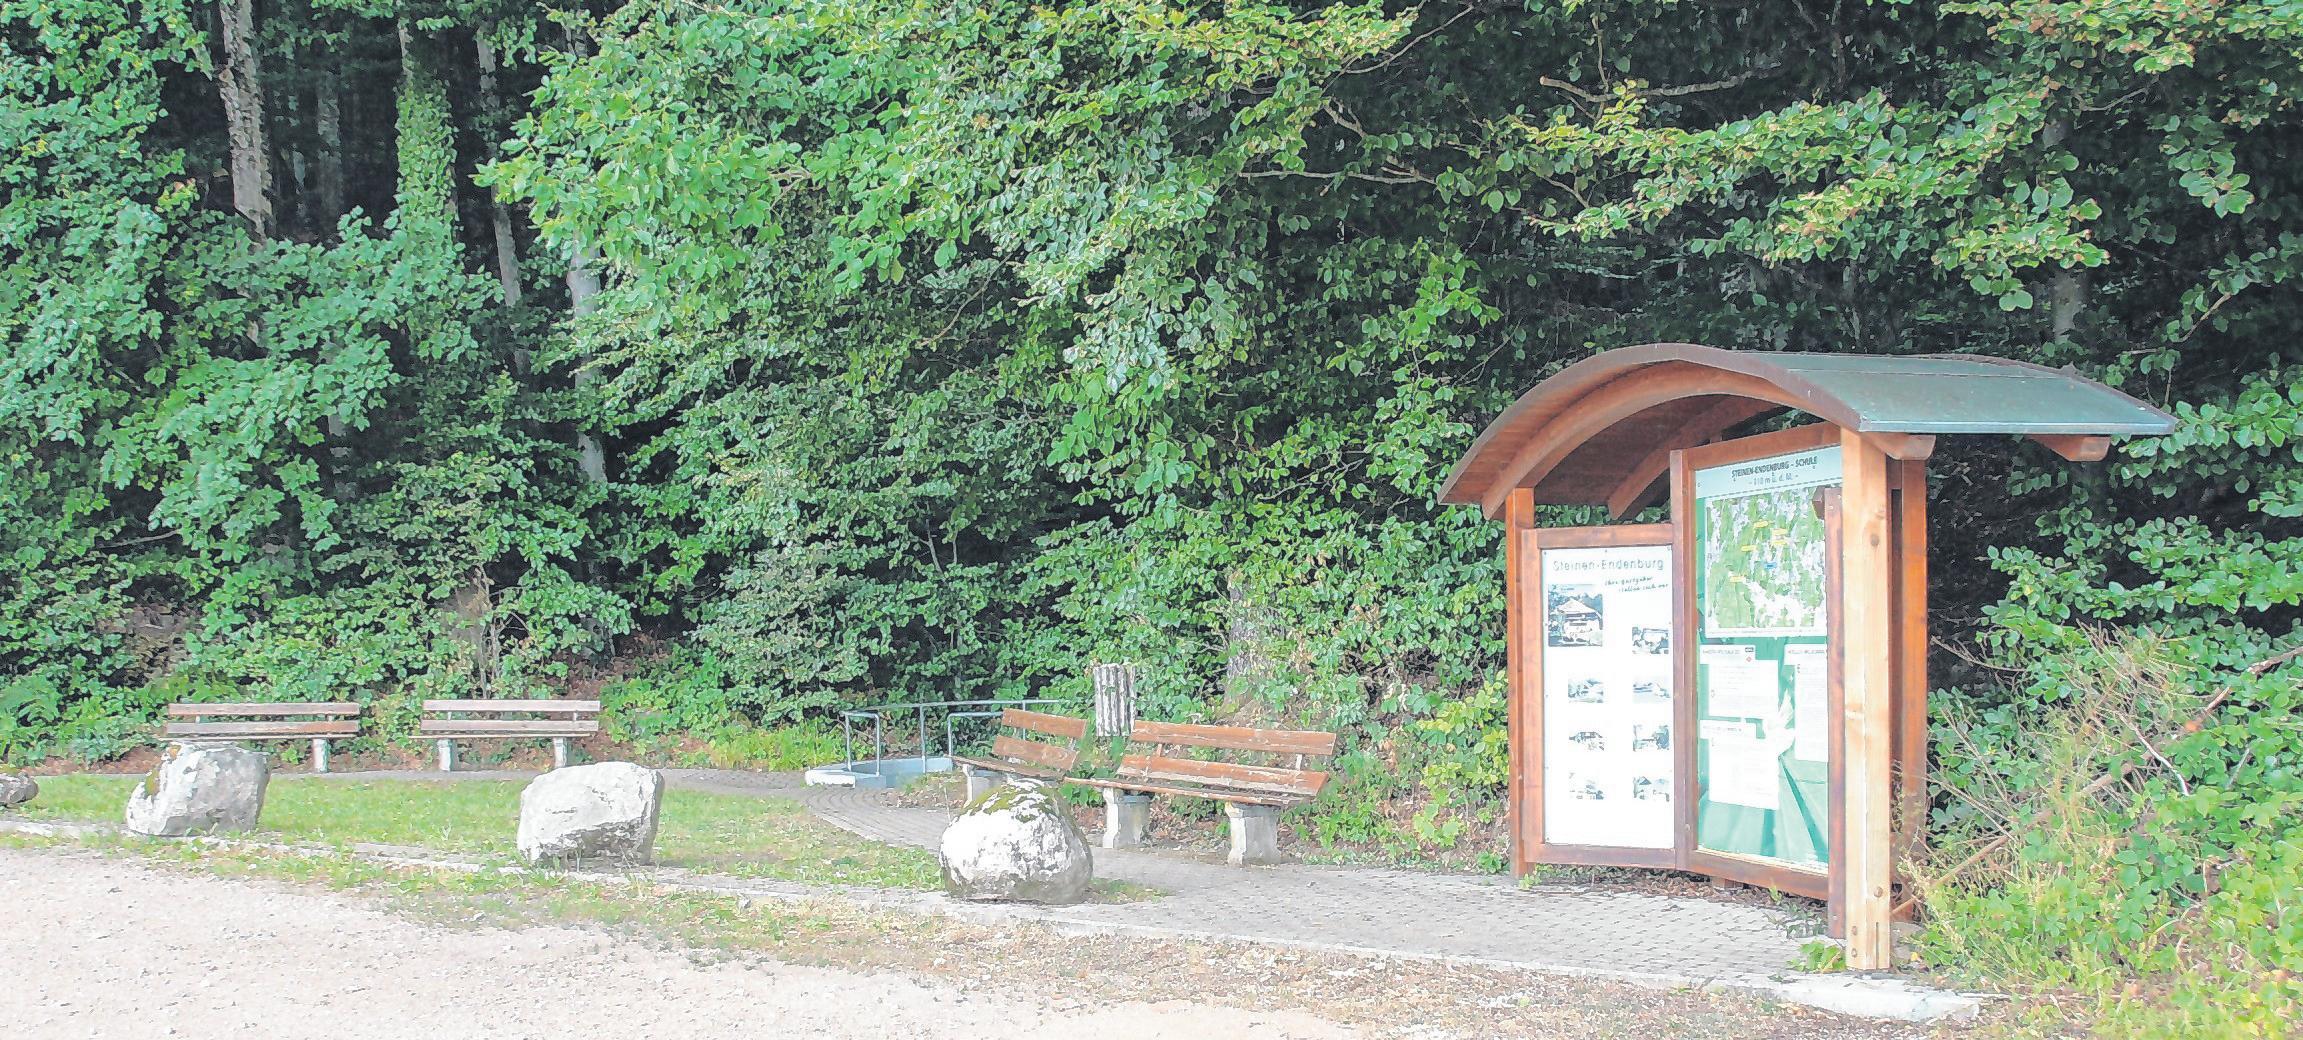 Page 22 of Die Wassertretstelle in Endenburg dient der Gesundheit